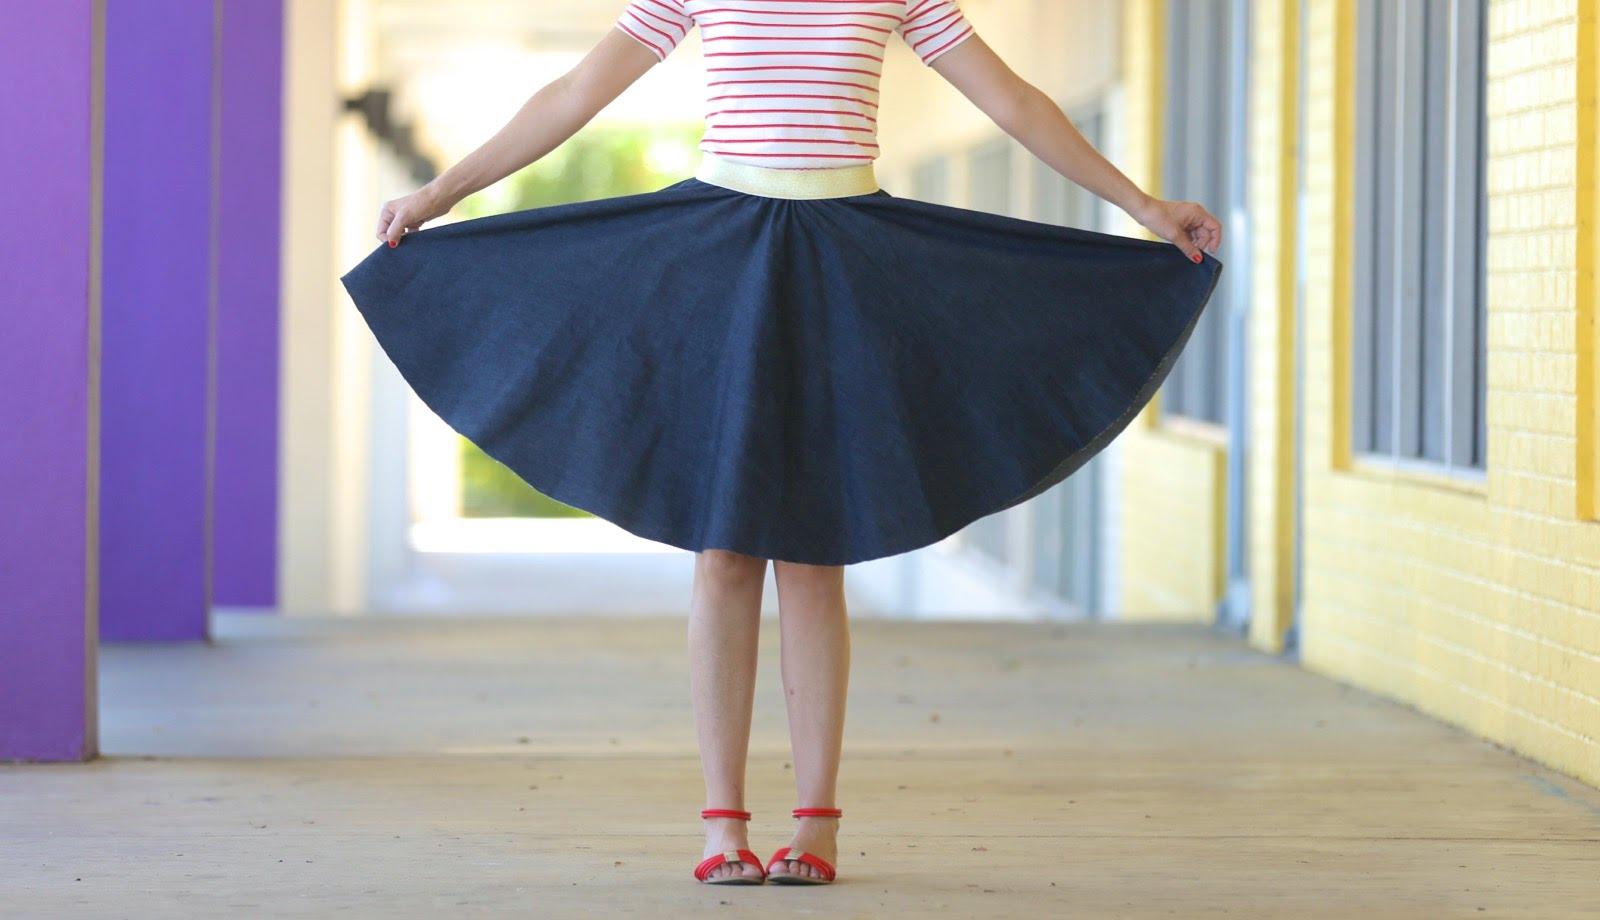 Rüyada Mini Etek Giydiğini Ve Satın Aldığını Görmek